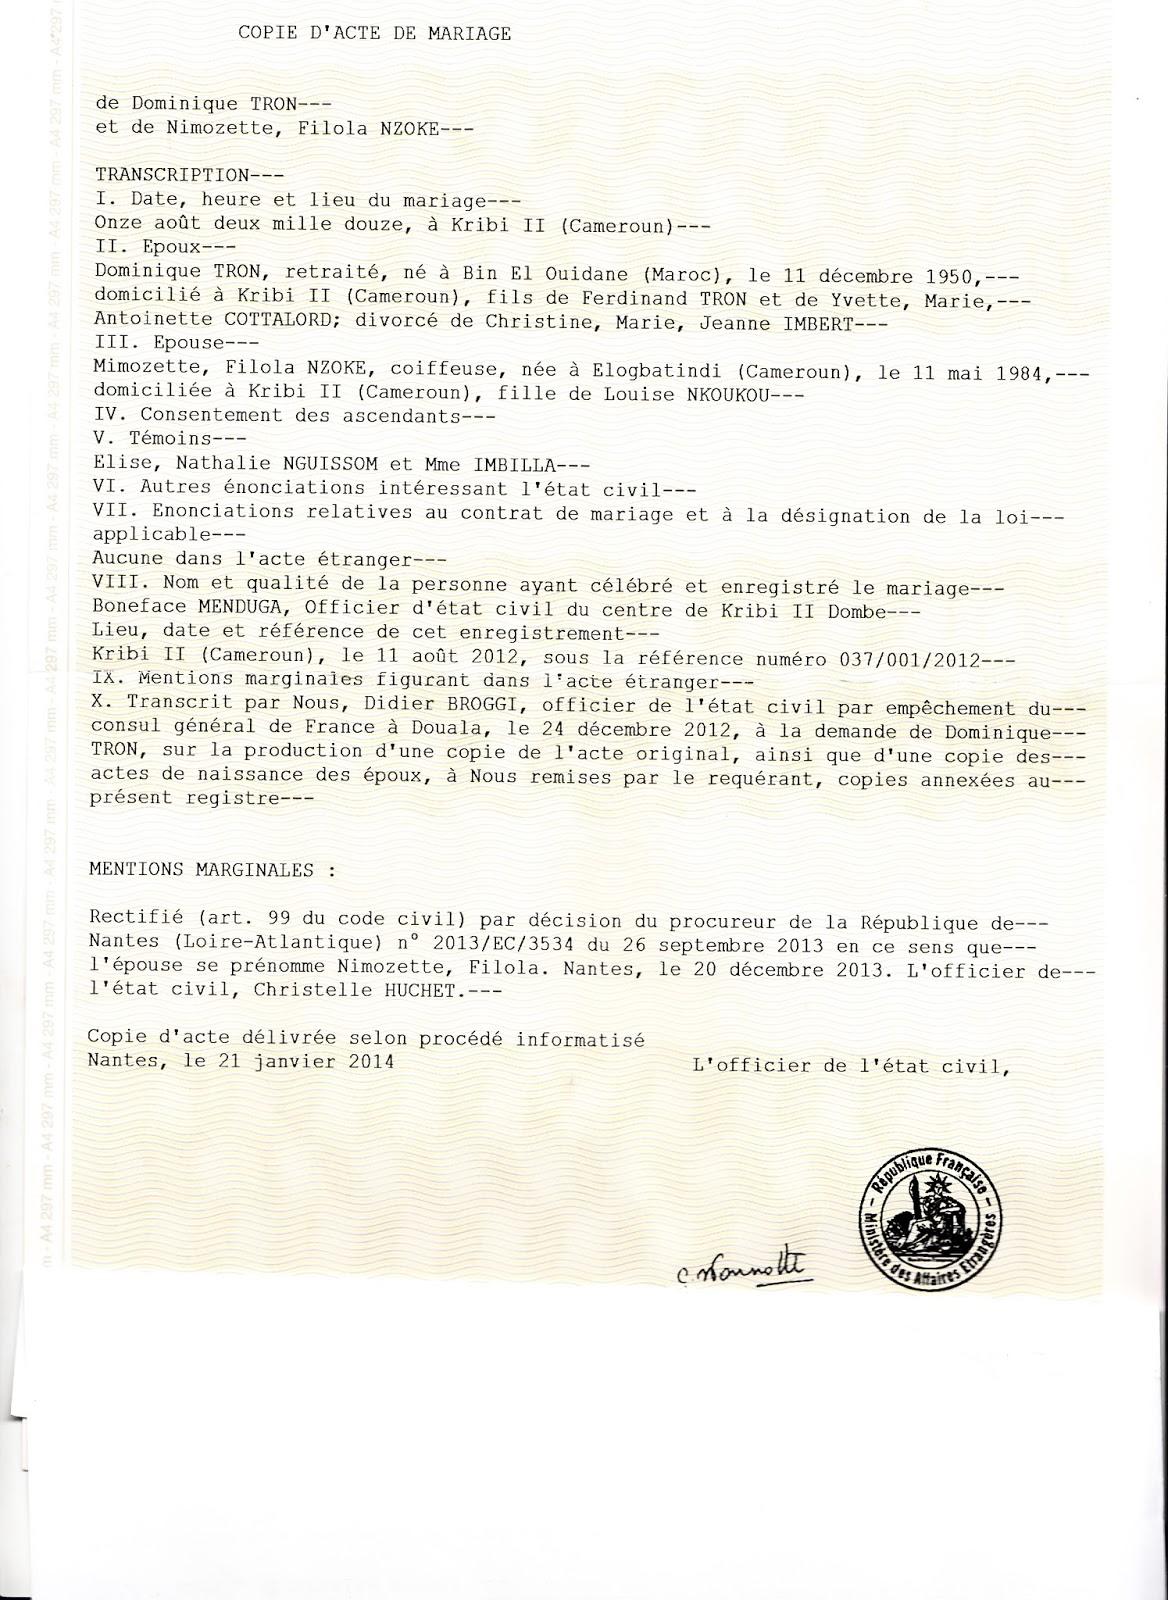 copie du 21 janvier 2014 de la transcription su letat civil franais de lacte de mariage de dominique tron et nimozette filola nzoke clbr le 11 aot - Acte De Mariage Nante